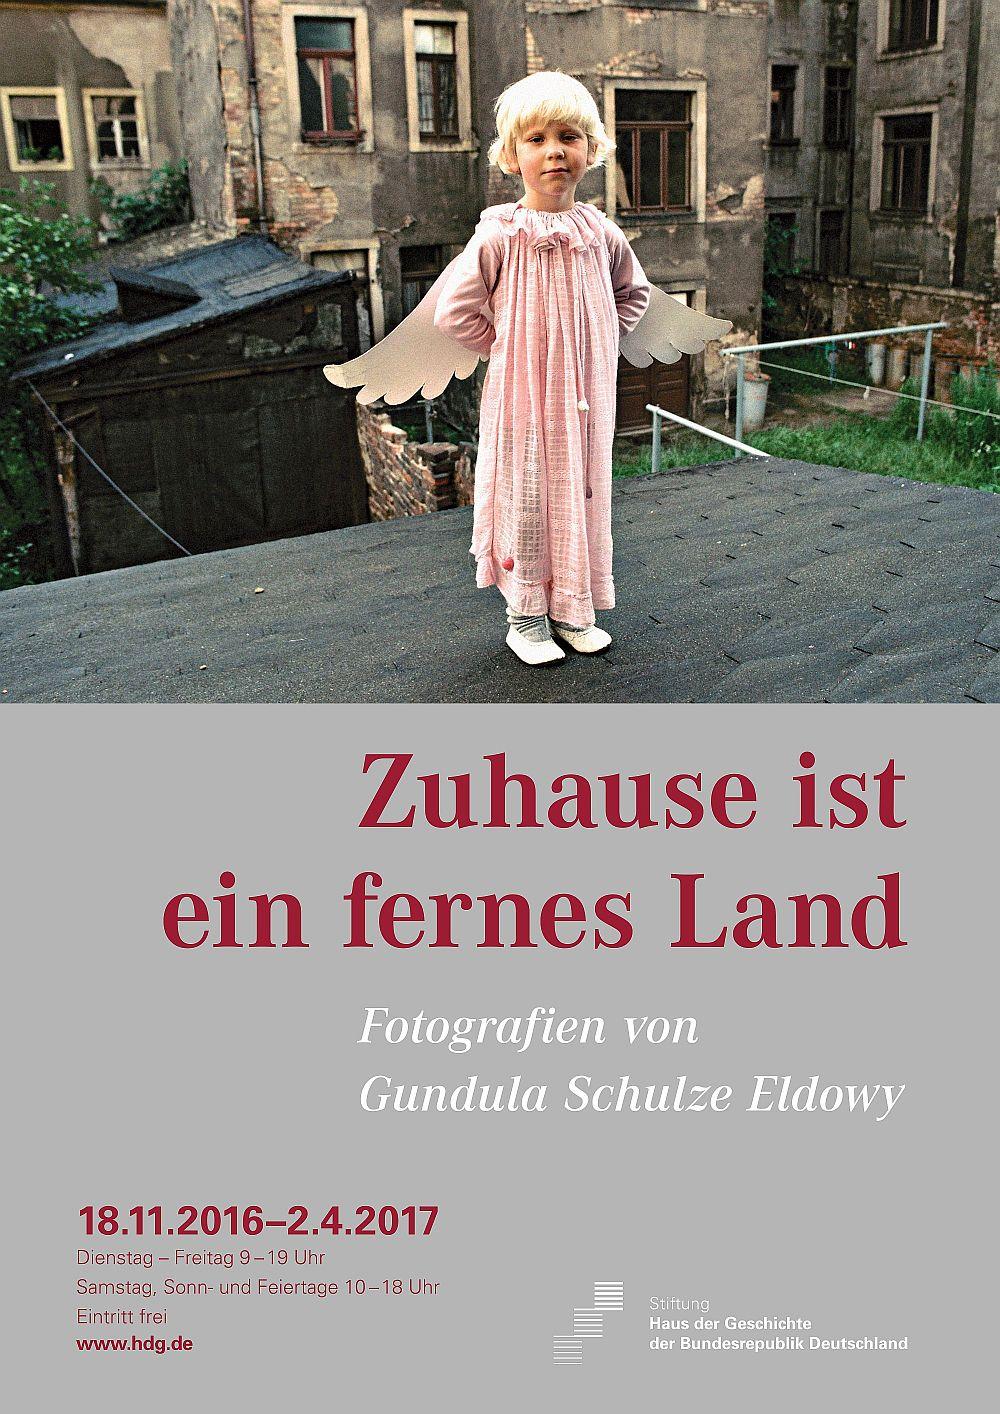 Ausstellungsplakat 'Zuhause ist ein fernes Land. Fotografien von Gundula Schulze Eldowy'